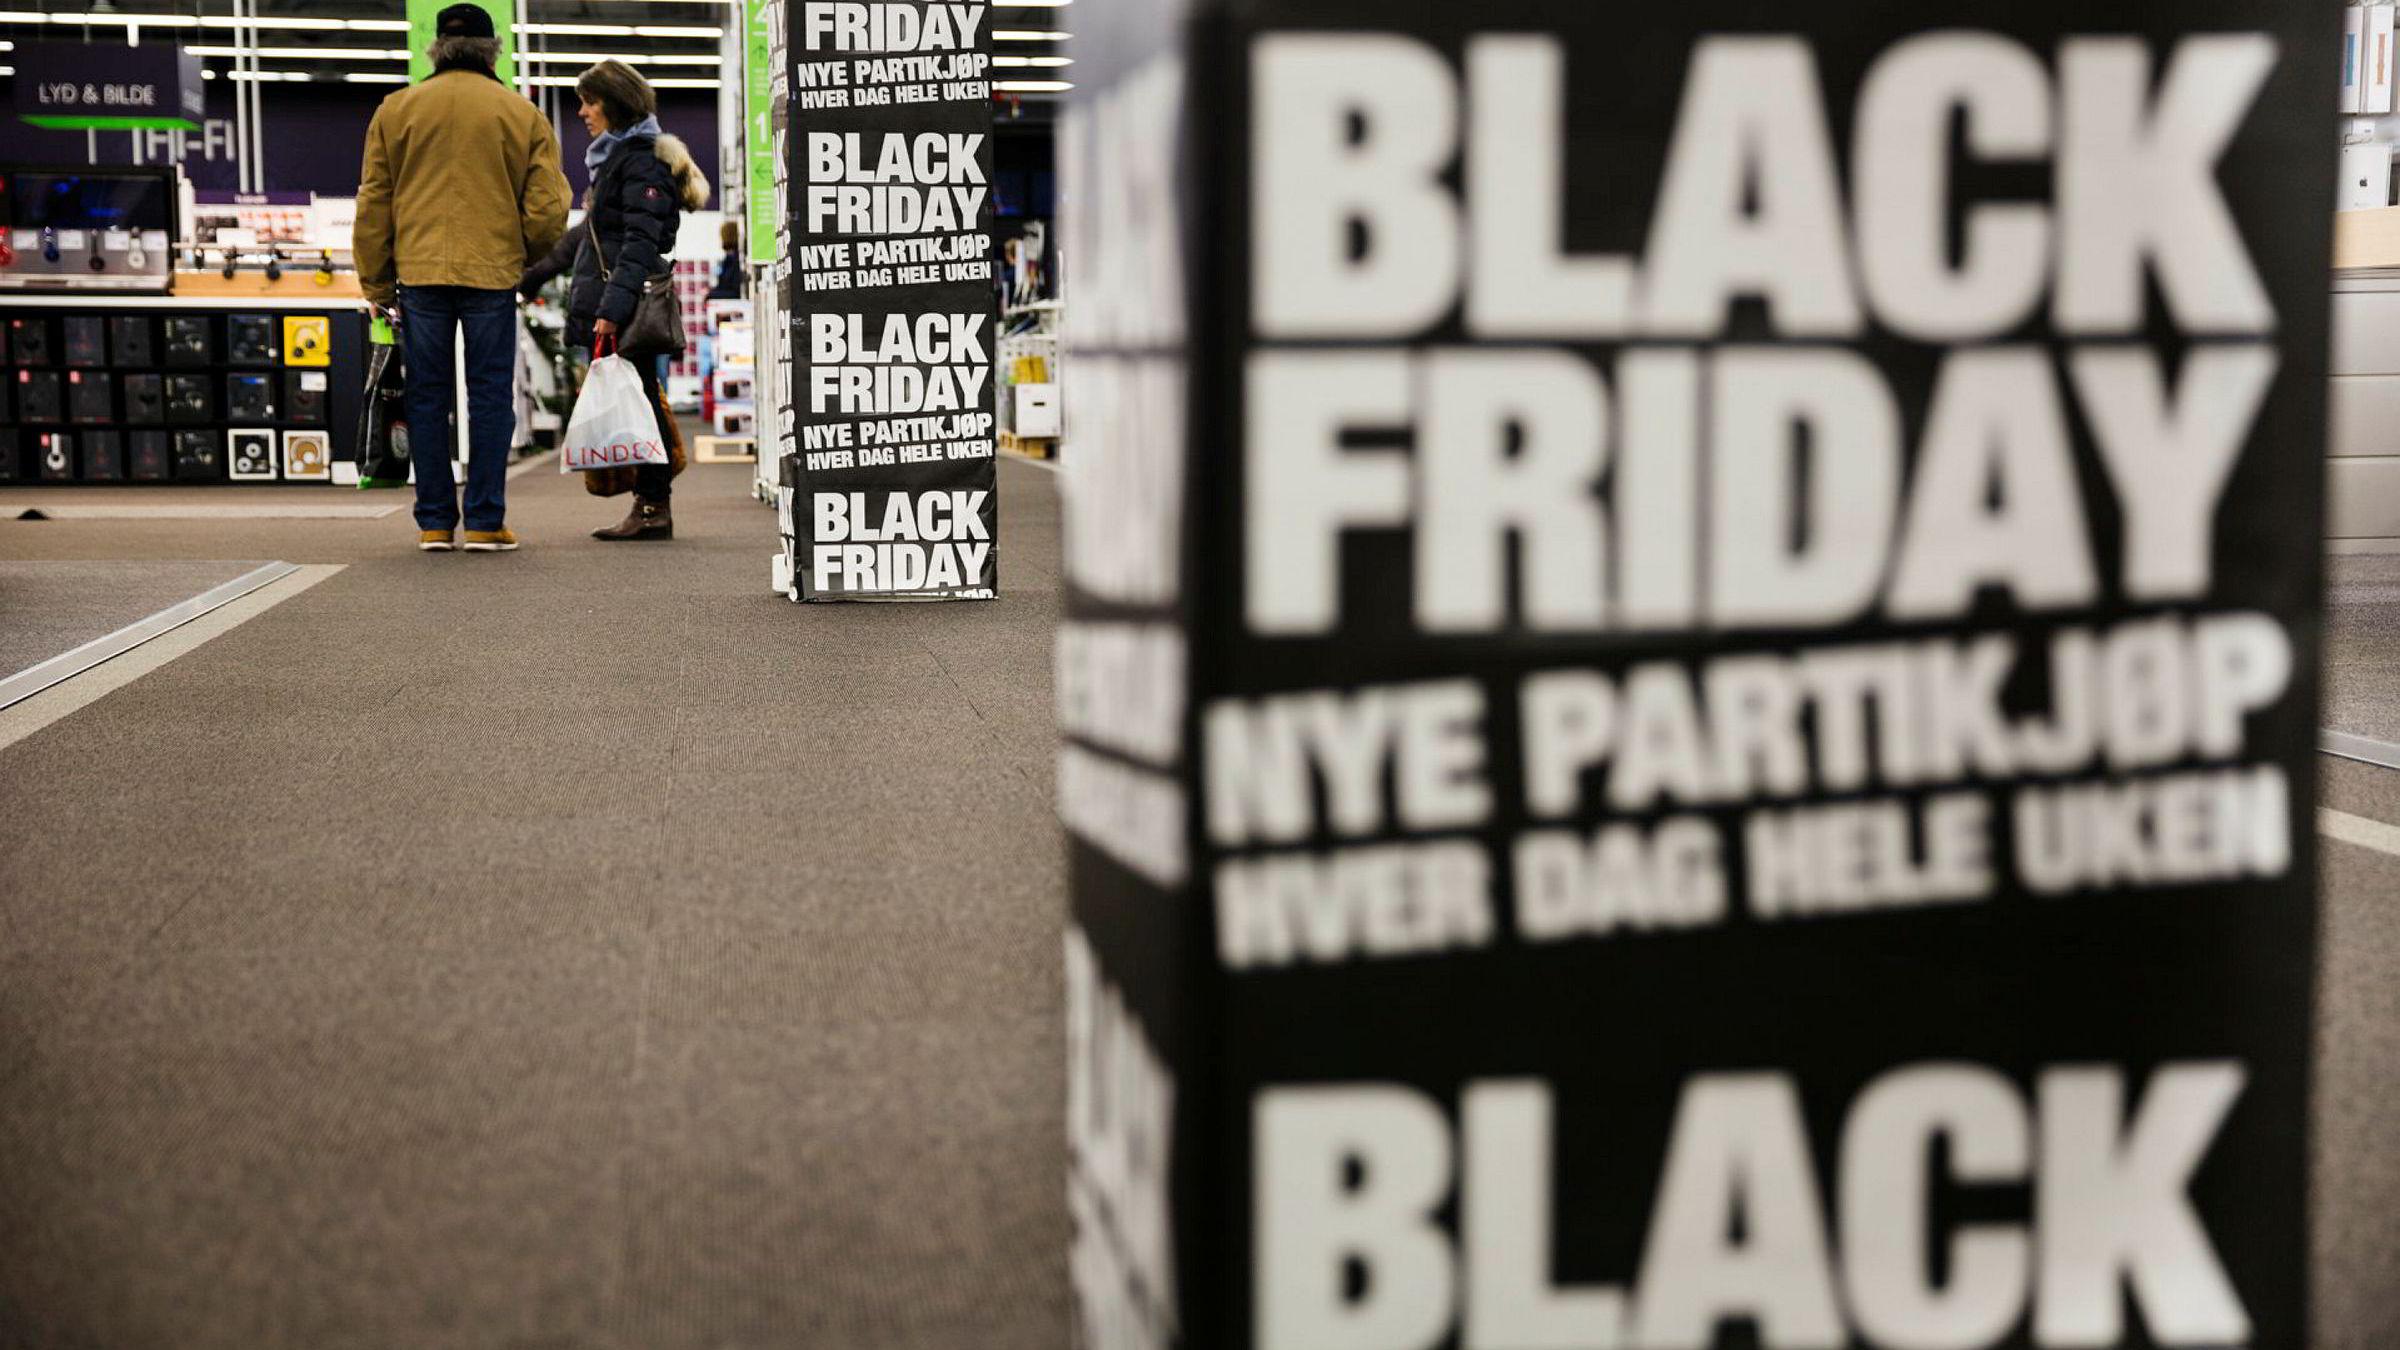 Elkjøp kjørte Black Friday-salg en hel uke. Etterpå kom baksmellen med smekk fra Forbrukerombudet.